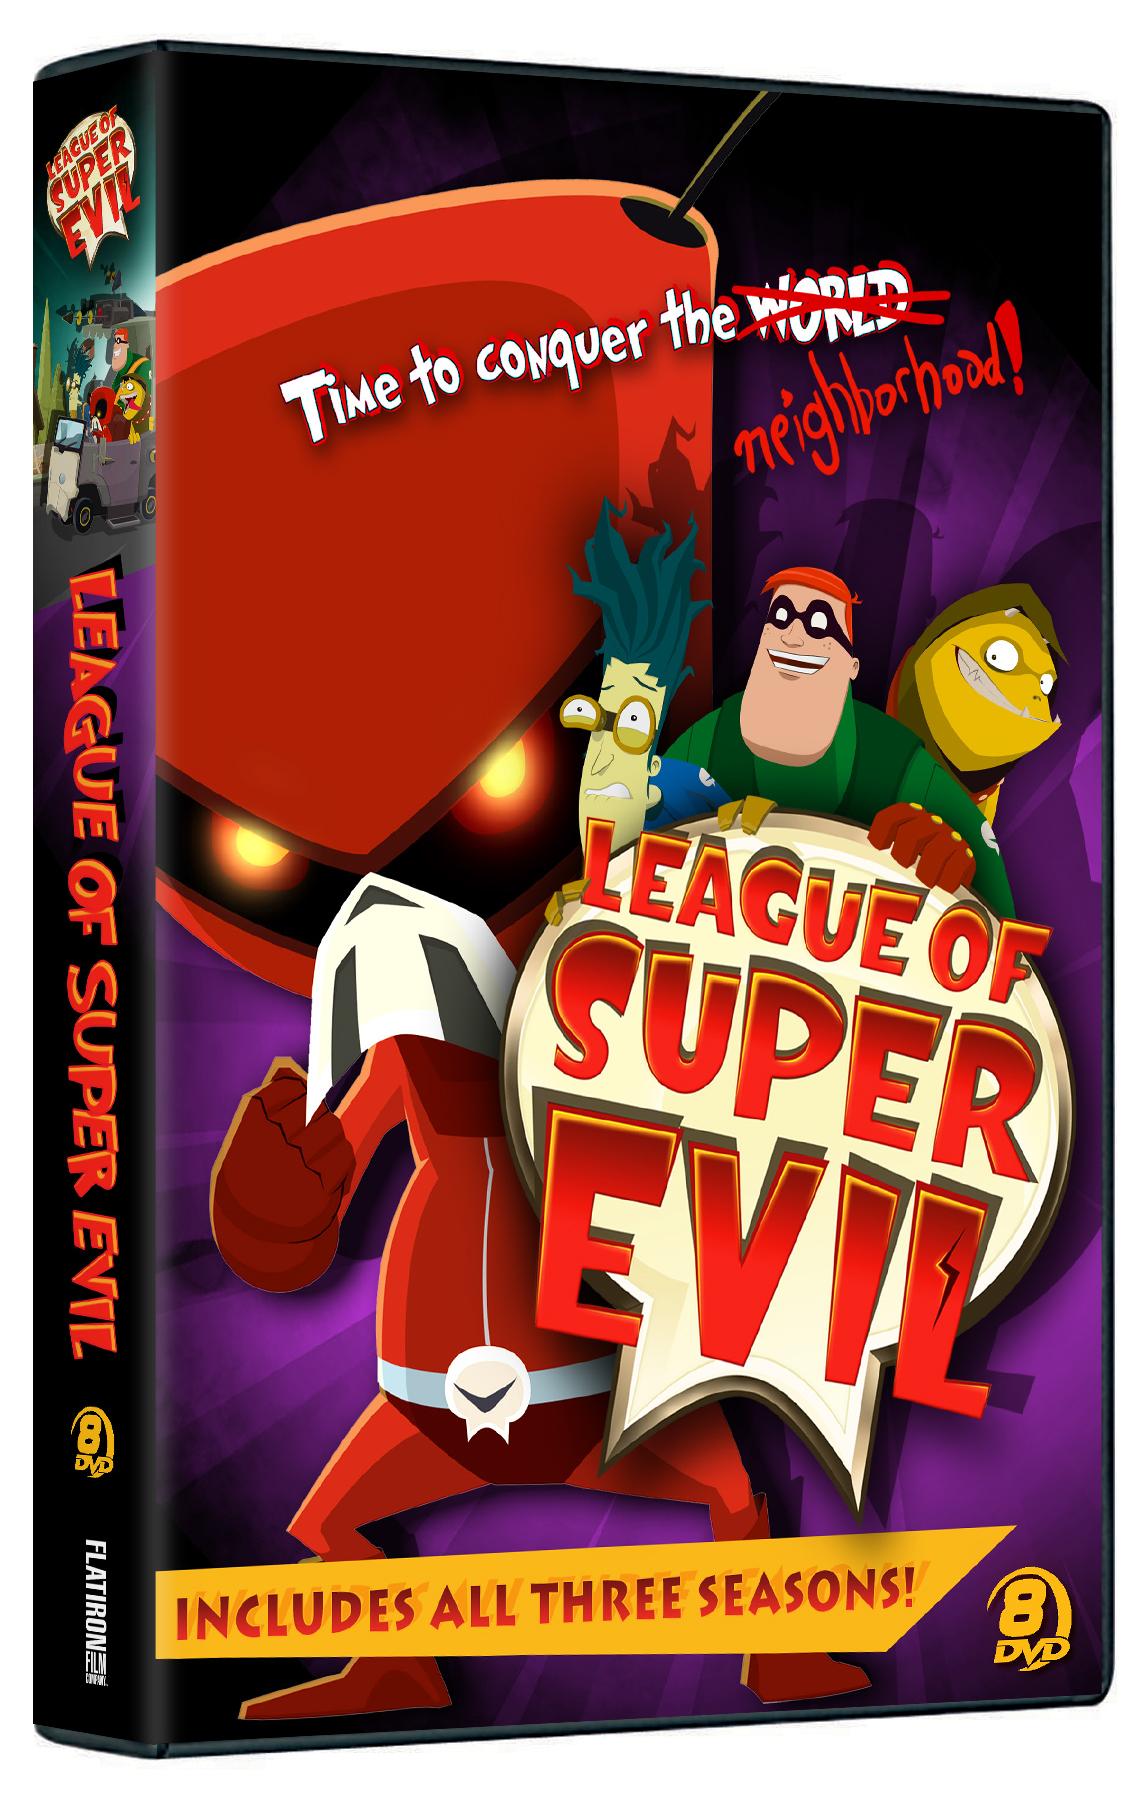 League of Super Evil Megaset DVD Review